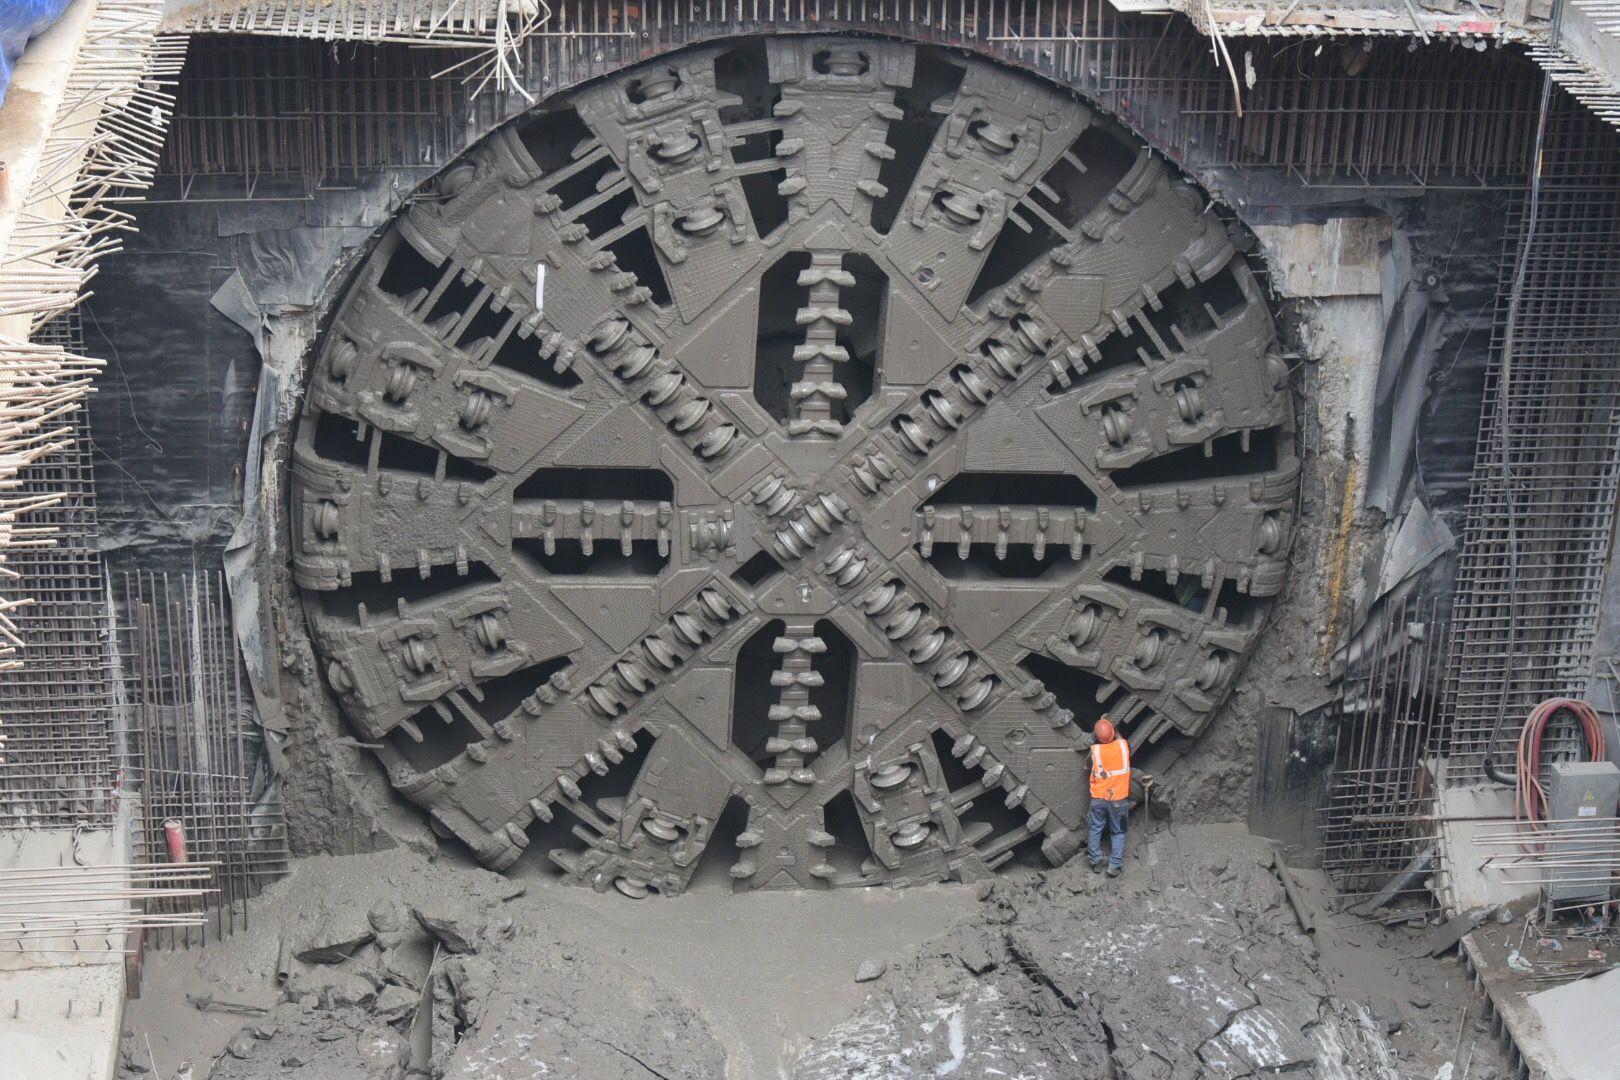 Проходка восьмого тоннеля стартовала на Коммунарской линии метро